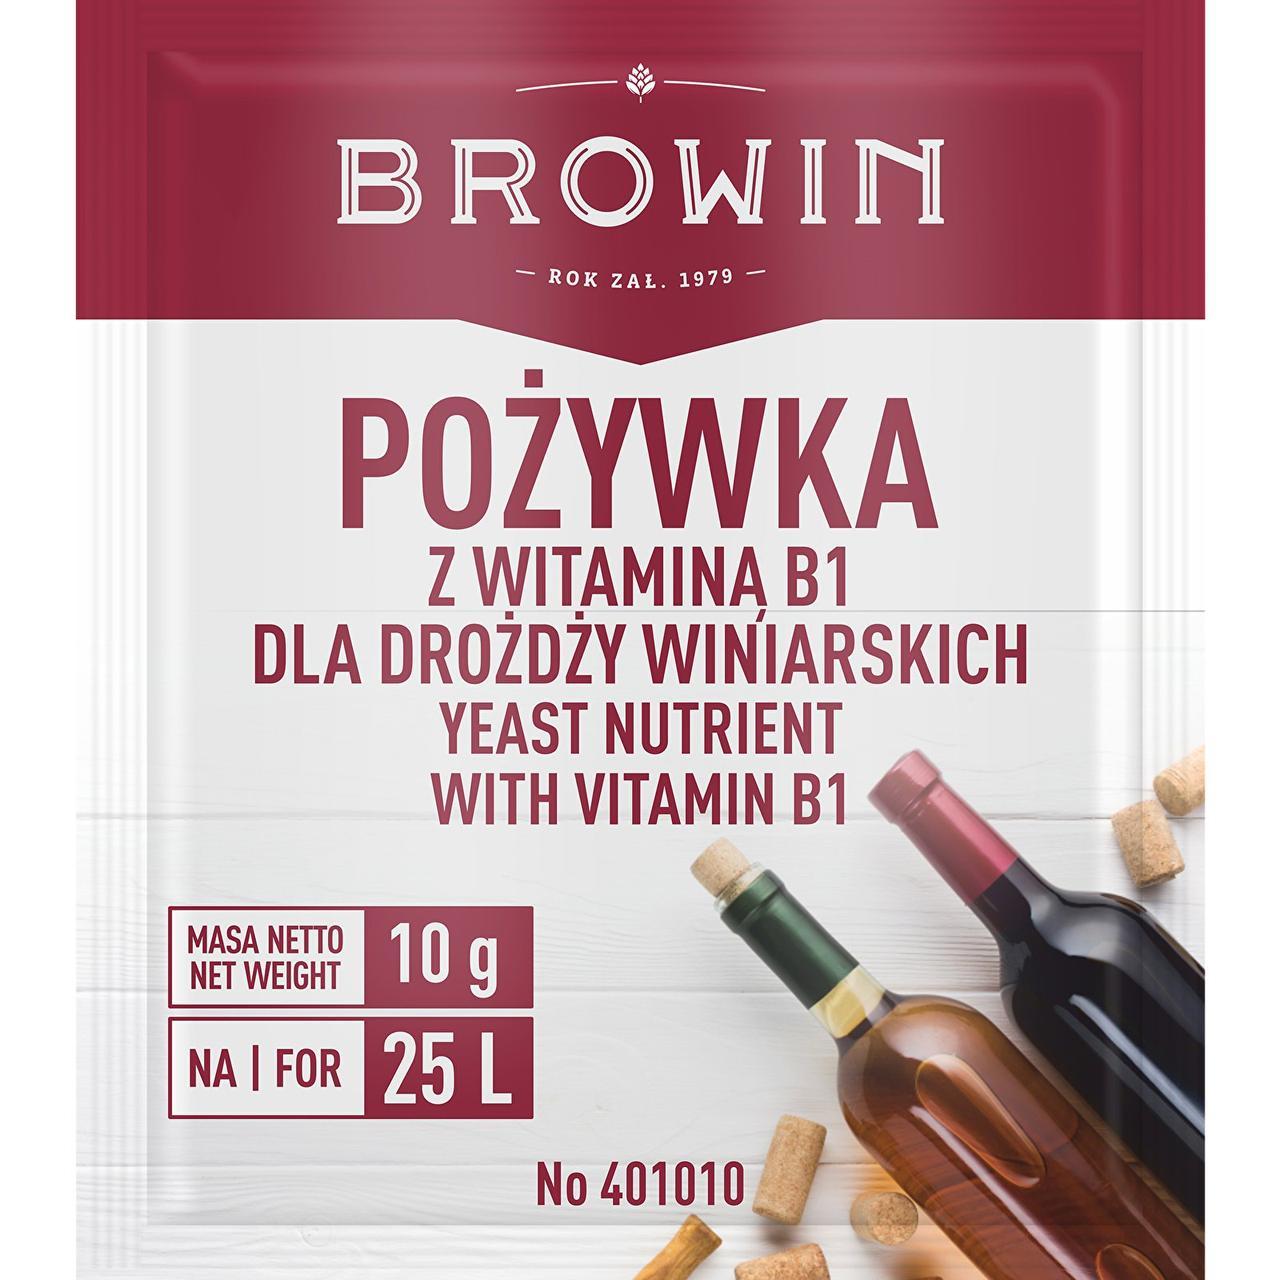 Питательная среда для виноделия с витамином B1 BROWIN Польша Термін придатності до 01.2021